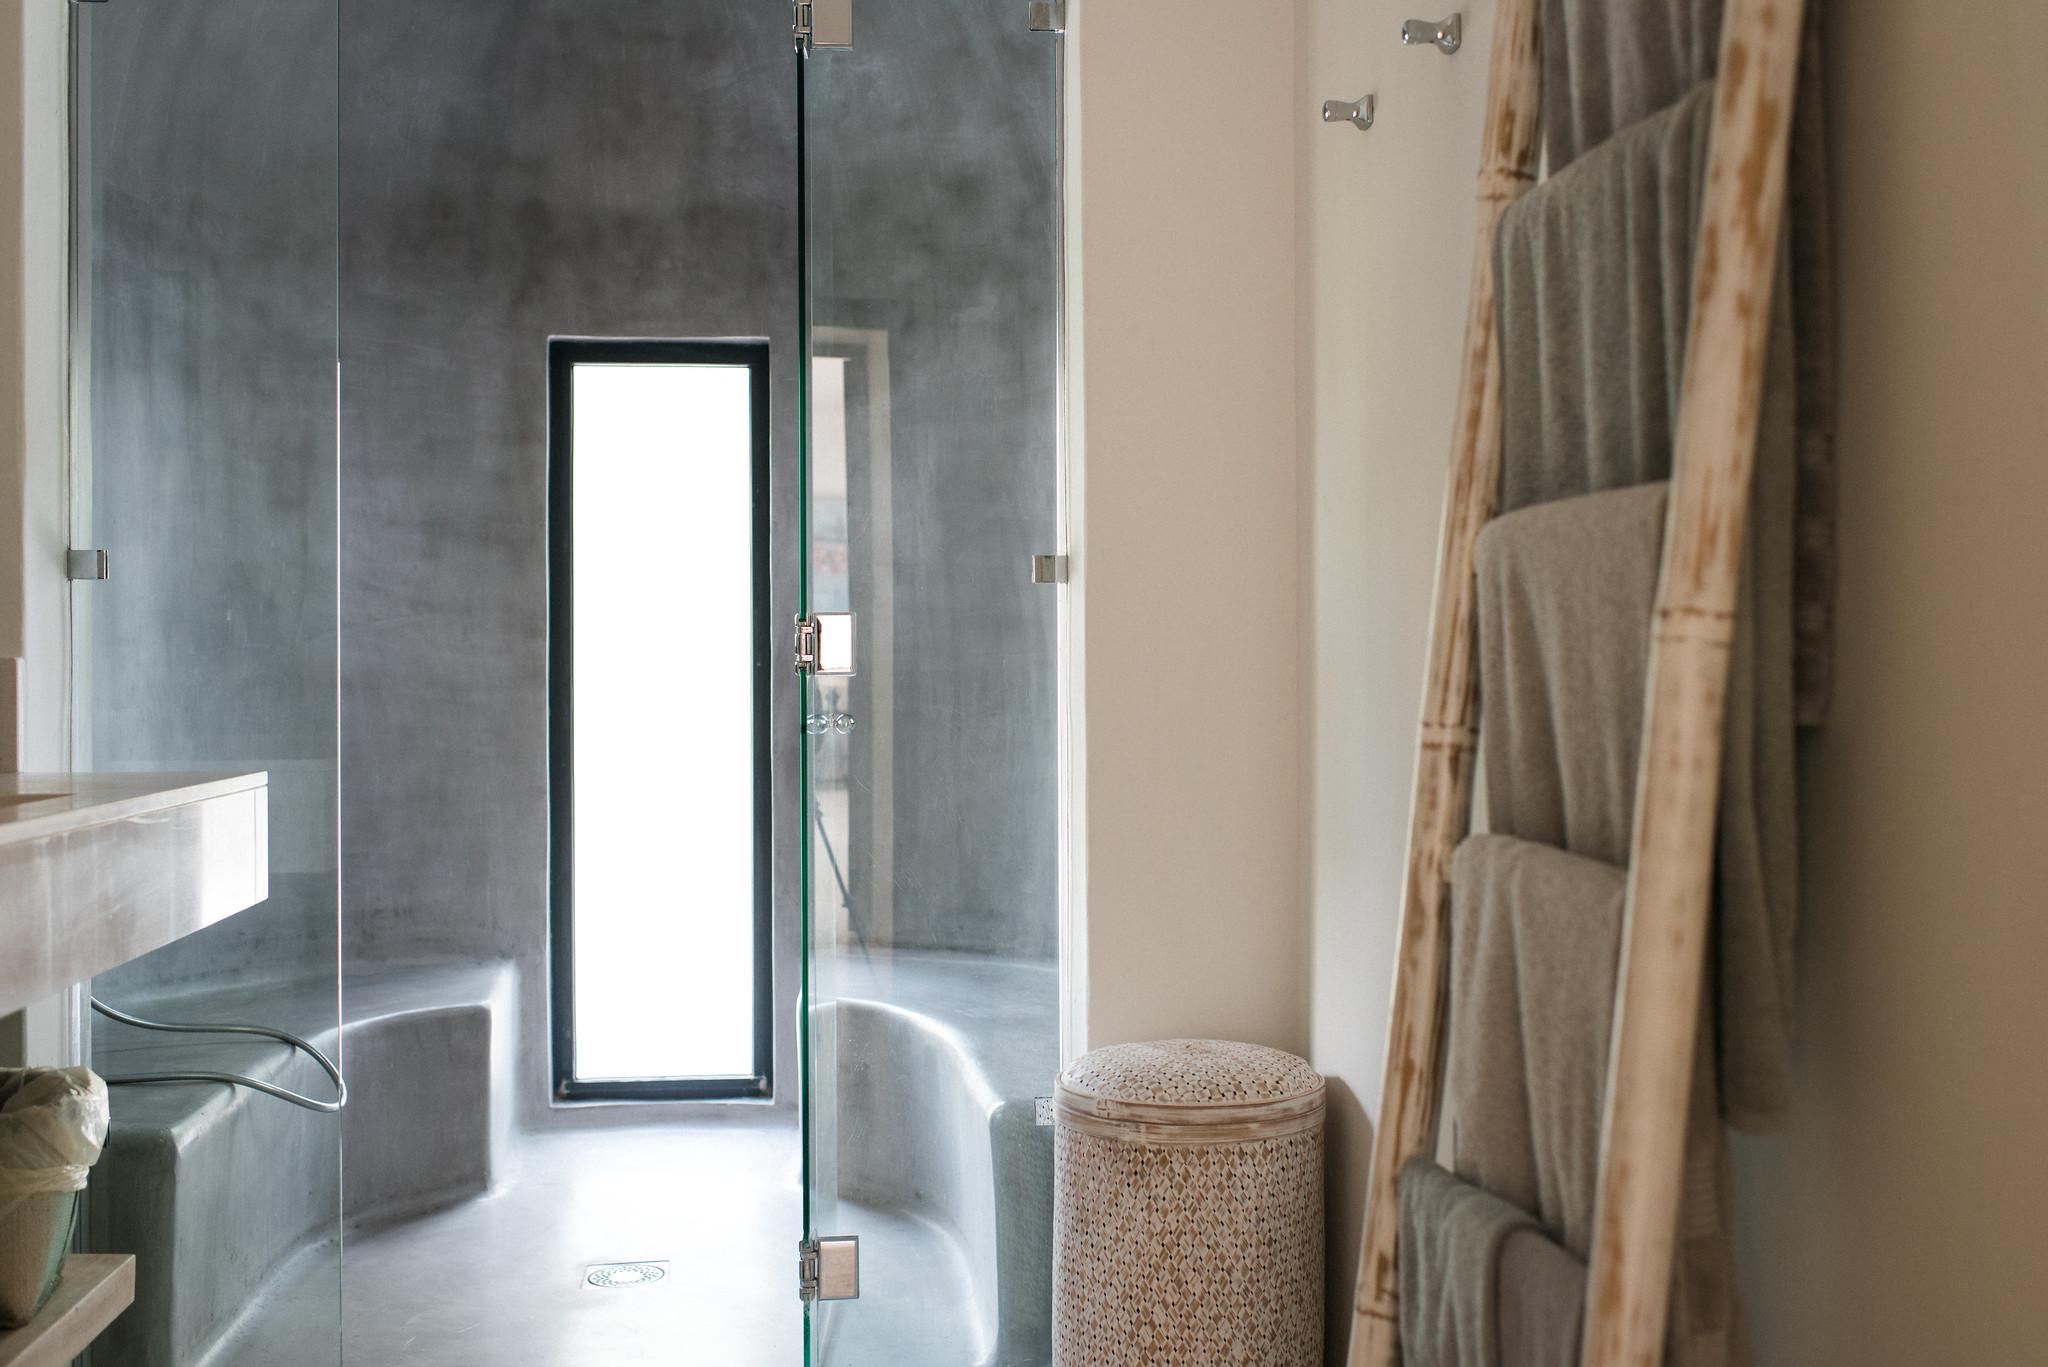 https://www.white-ibiza.com/wp-content/uploads/2020/05/white-ibiza-villas-casa-estrella-interior-bathroom.jpg